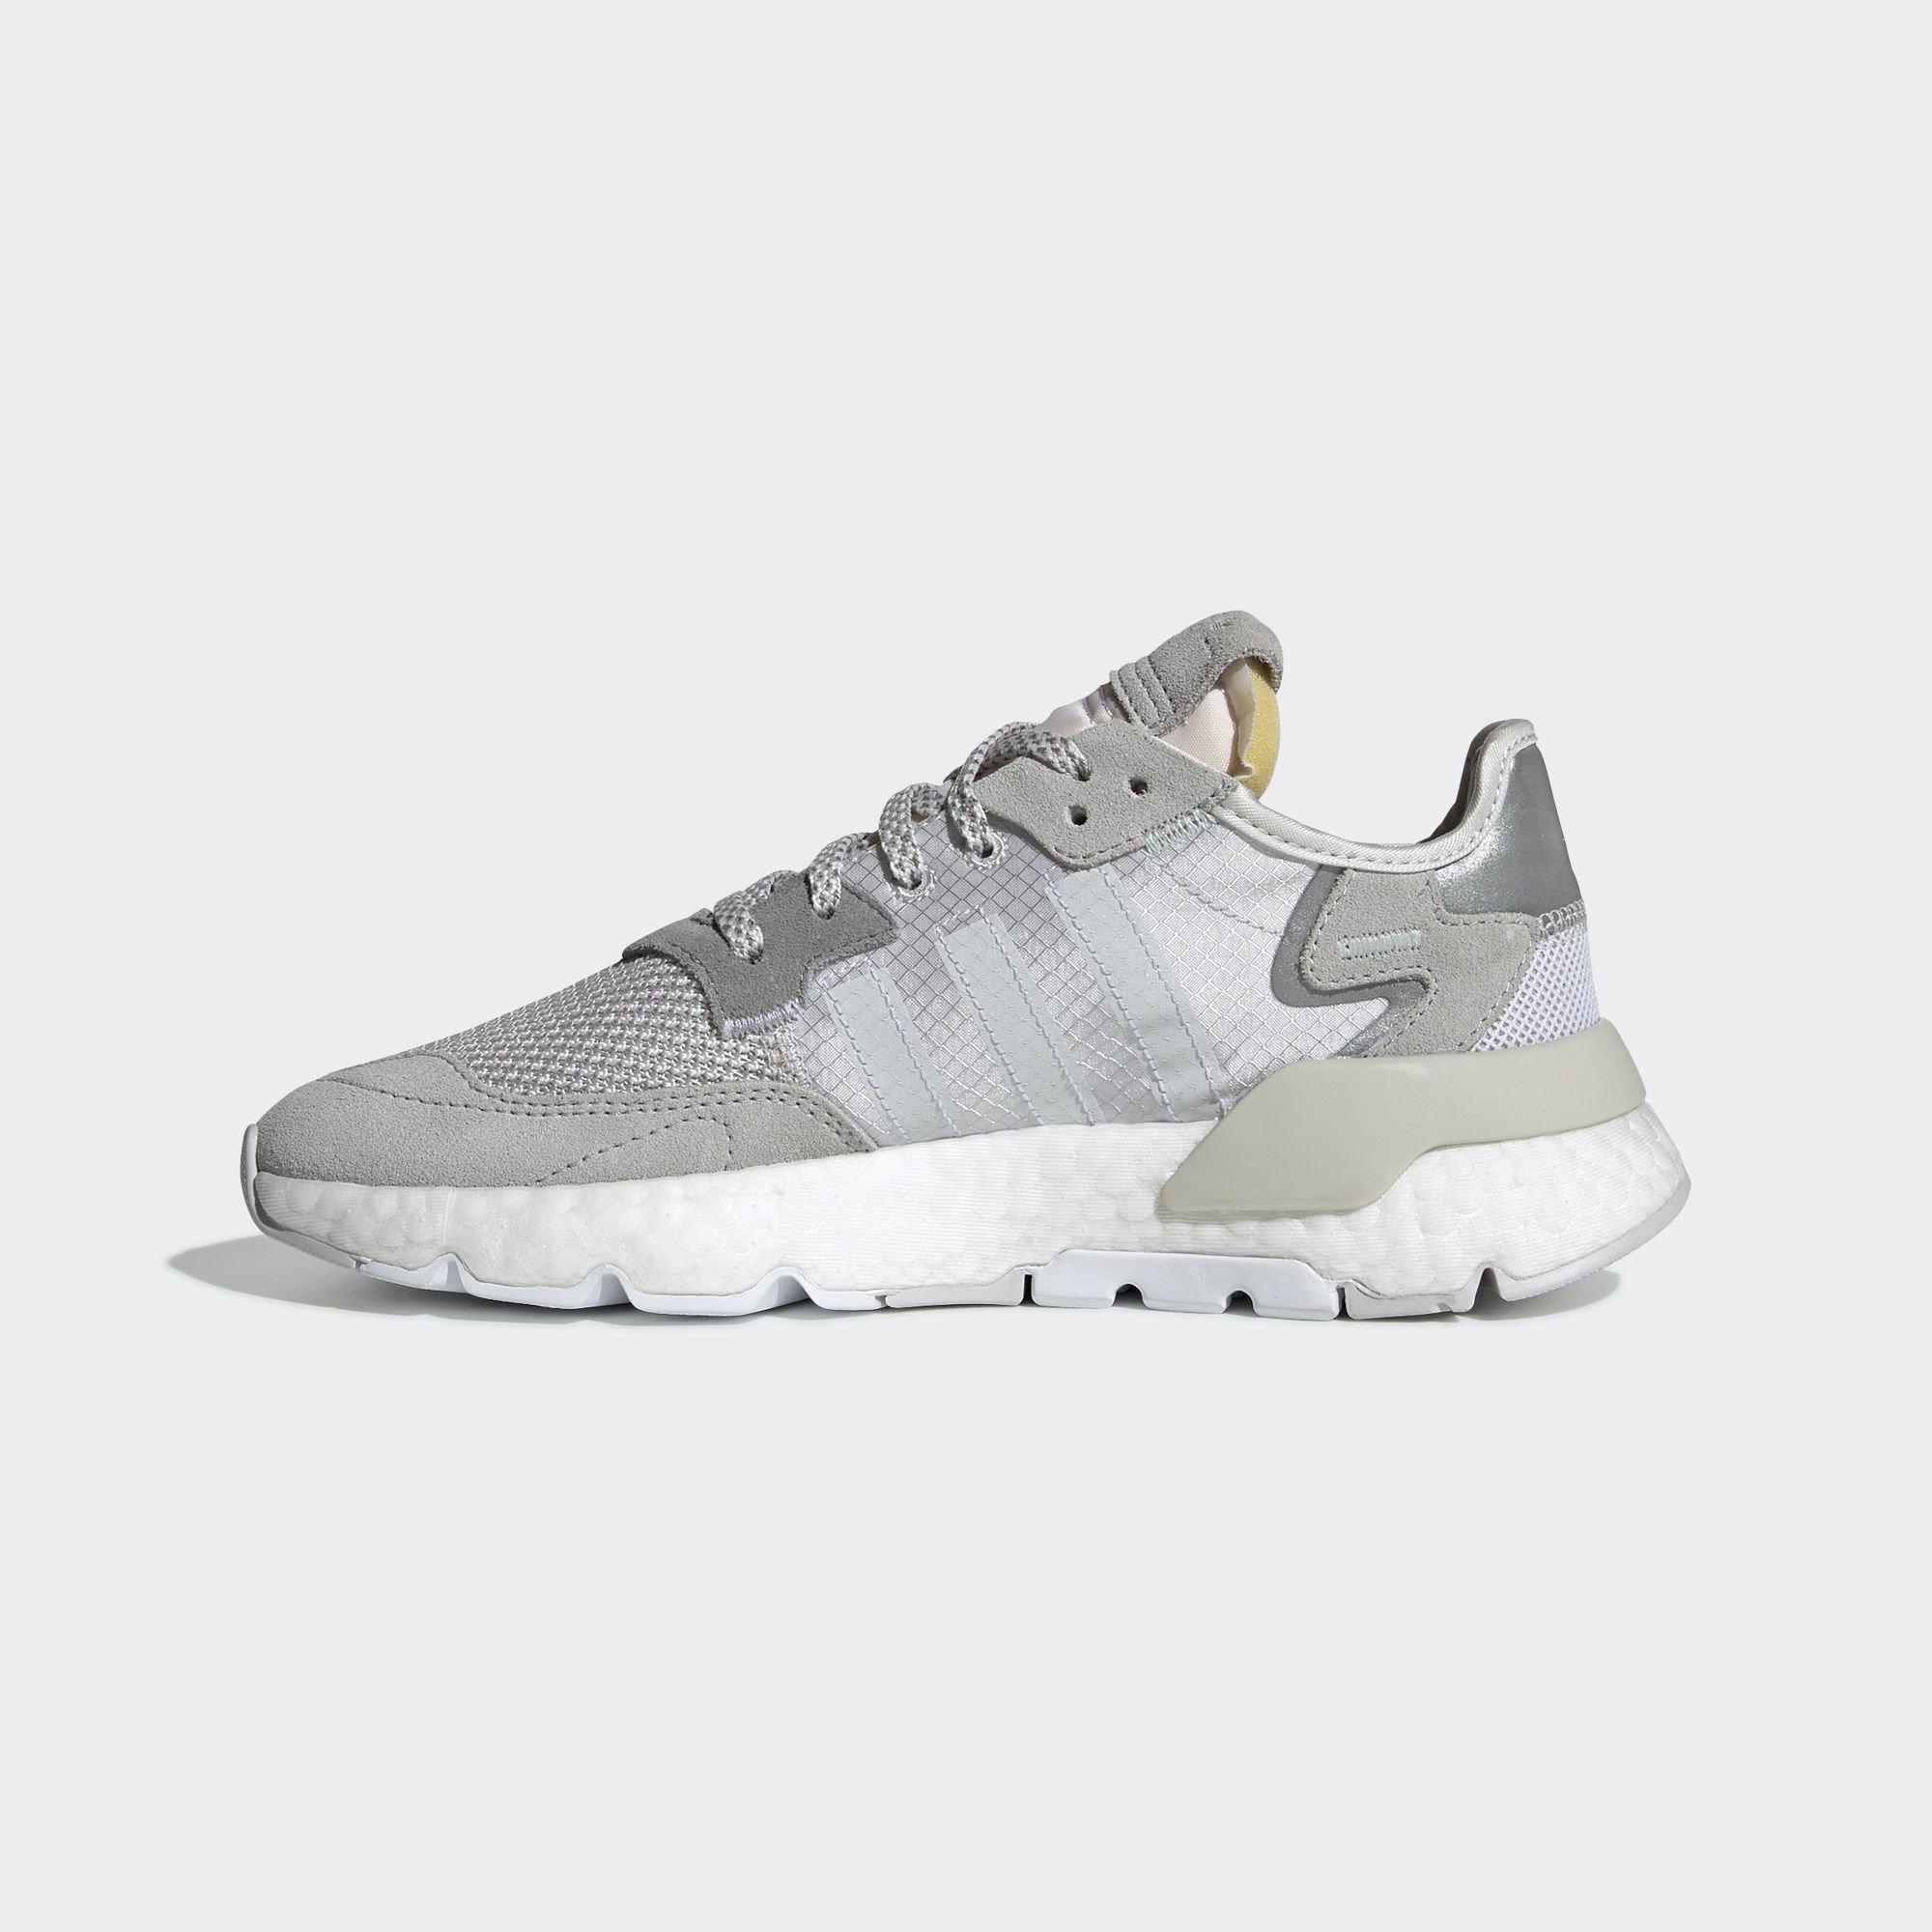 4c37f714f3a Adidas Nite Jogger Grey One / Crystal White / Grey Two (DA8692)